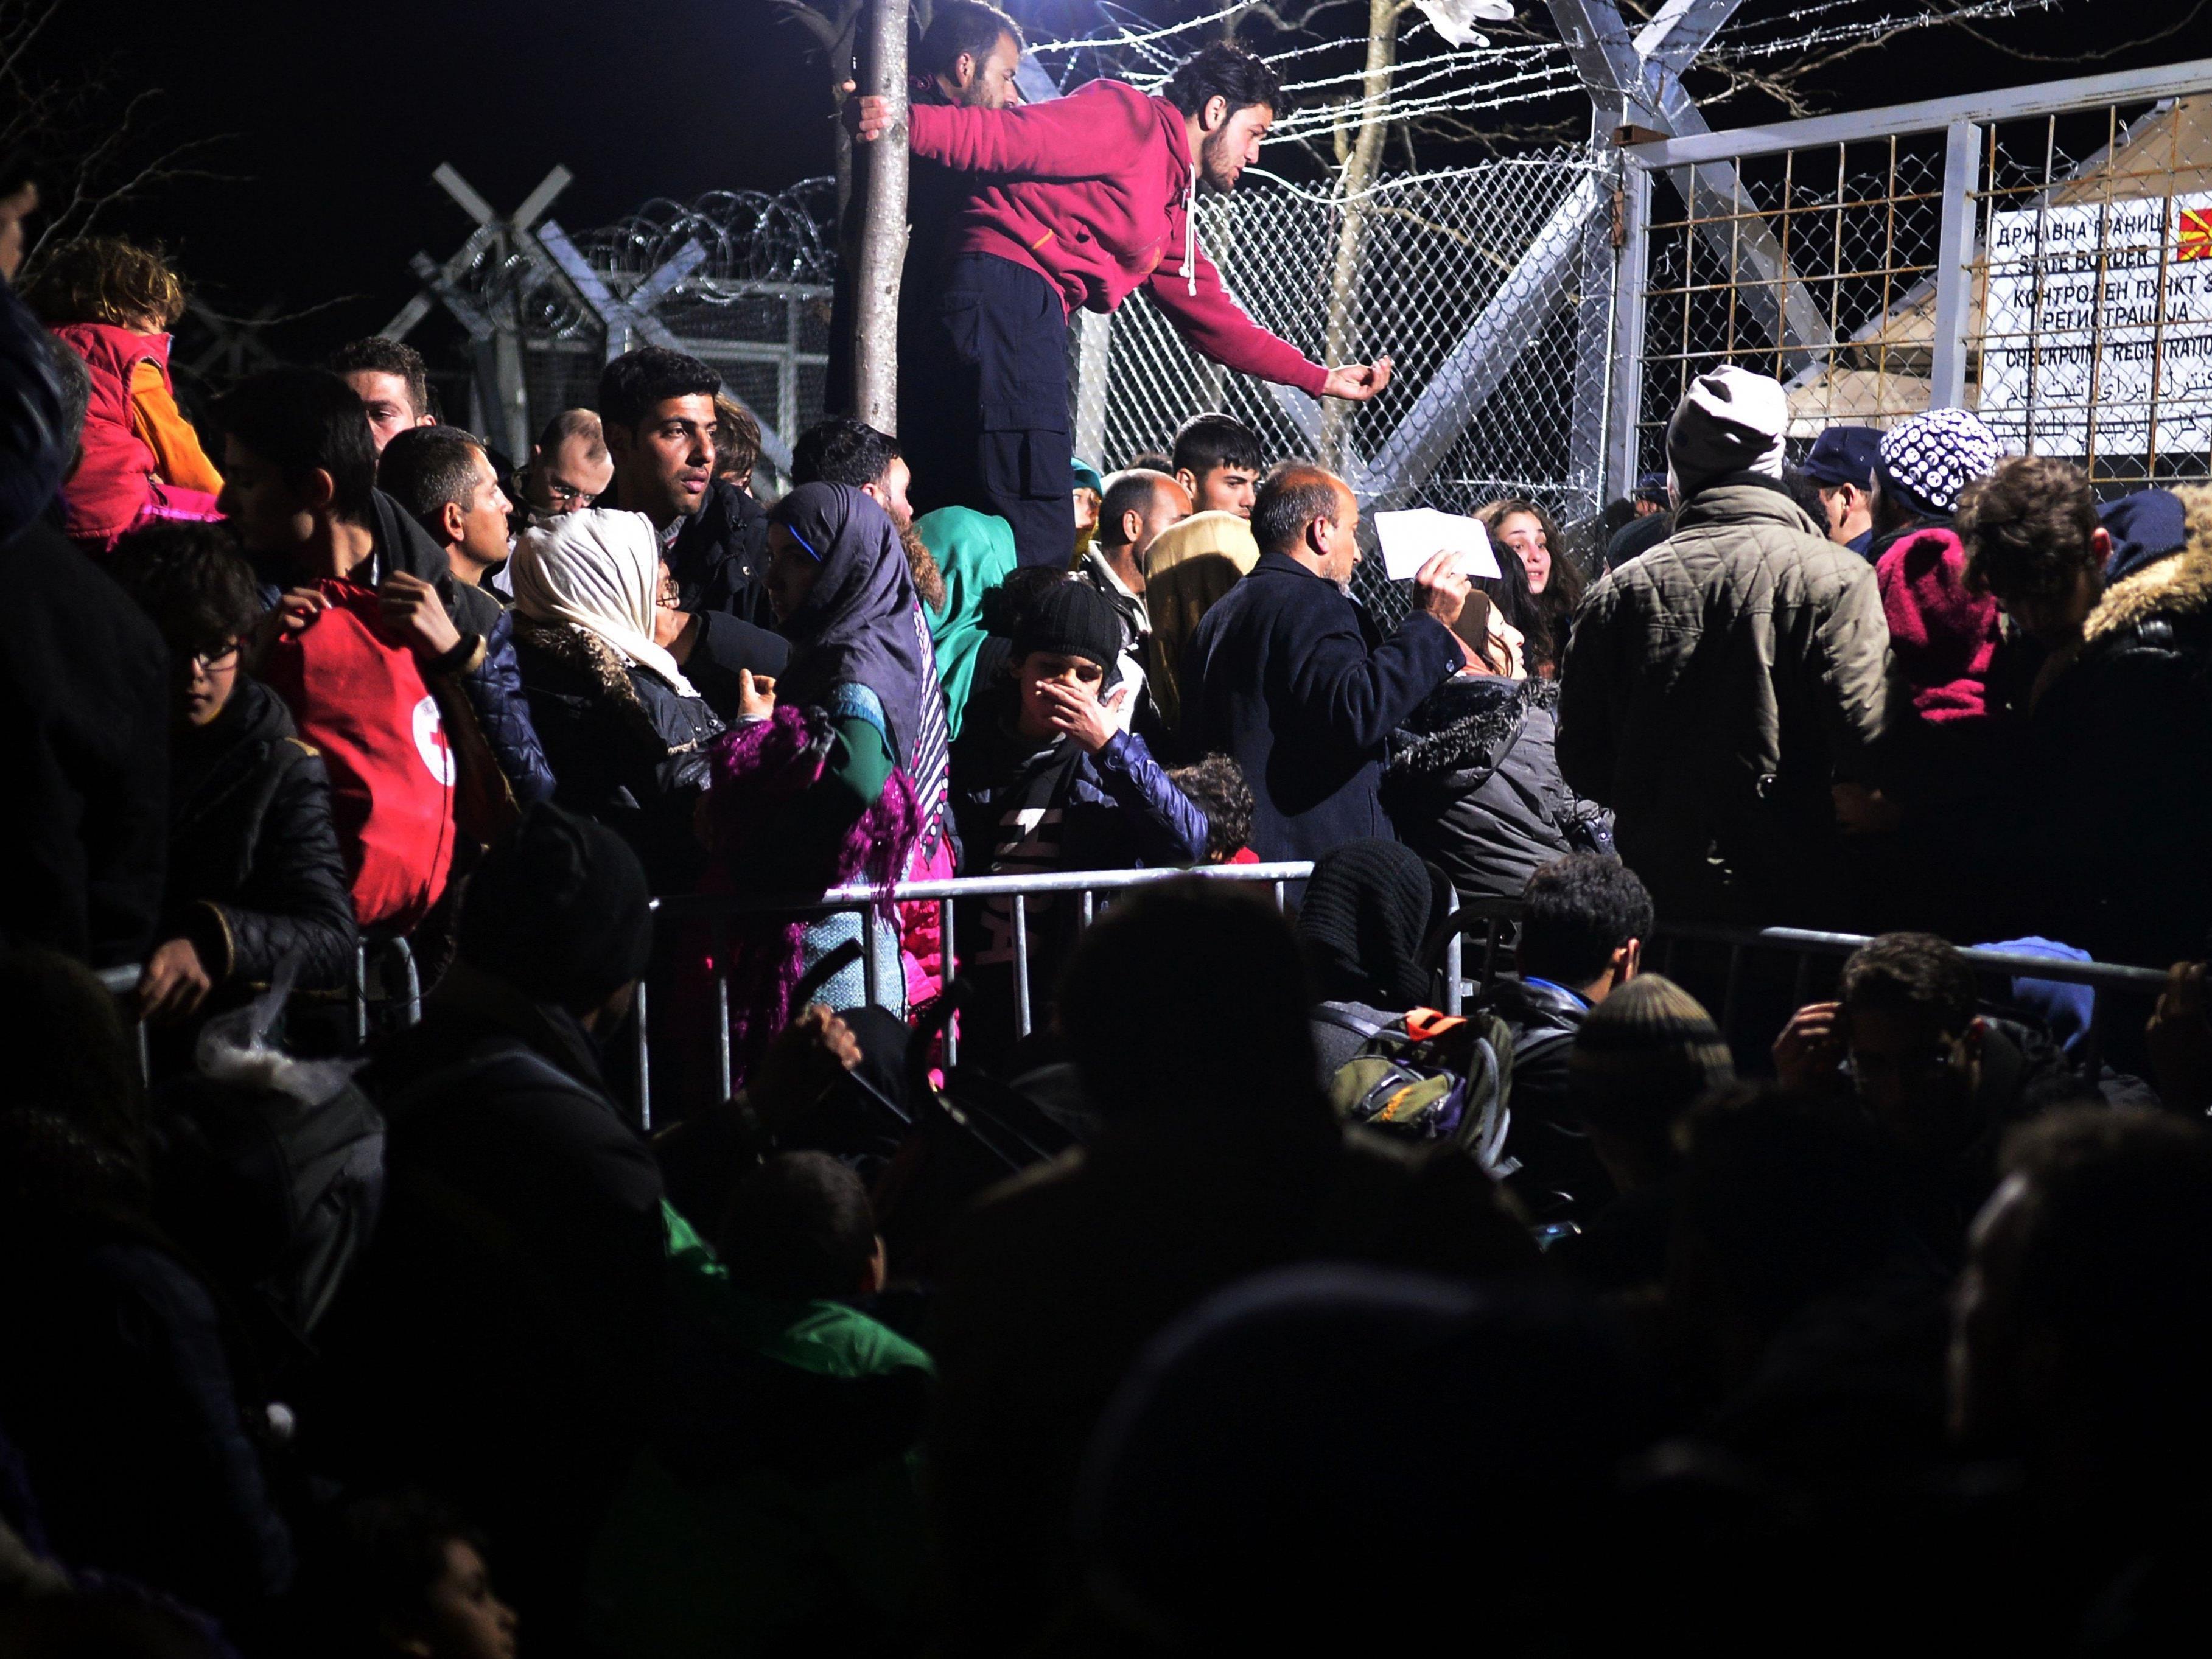 Griechenland: Durchgewunken werden können die Migranten nicht mehr